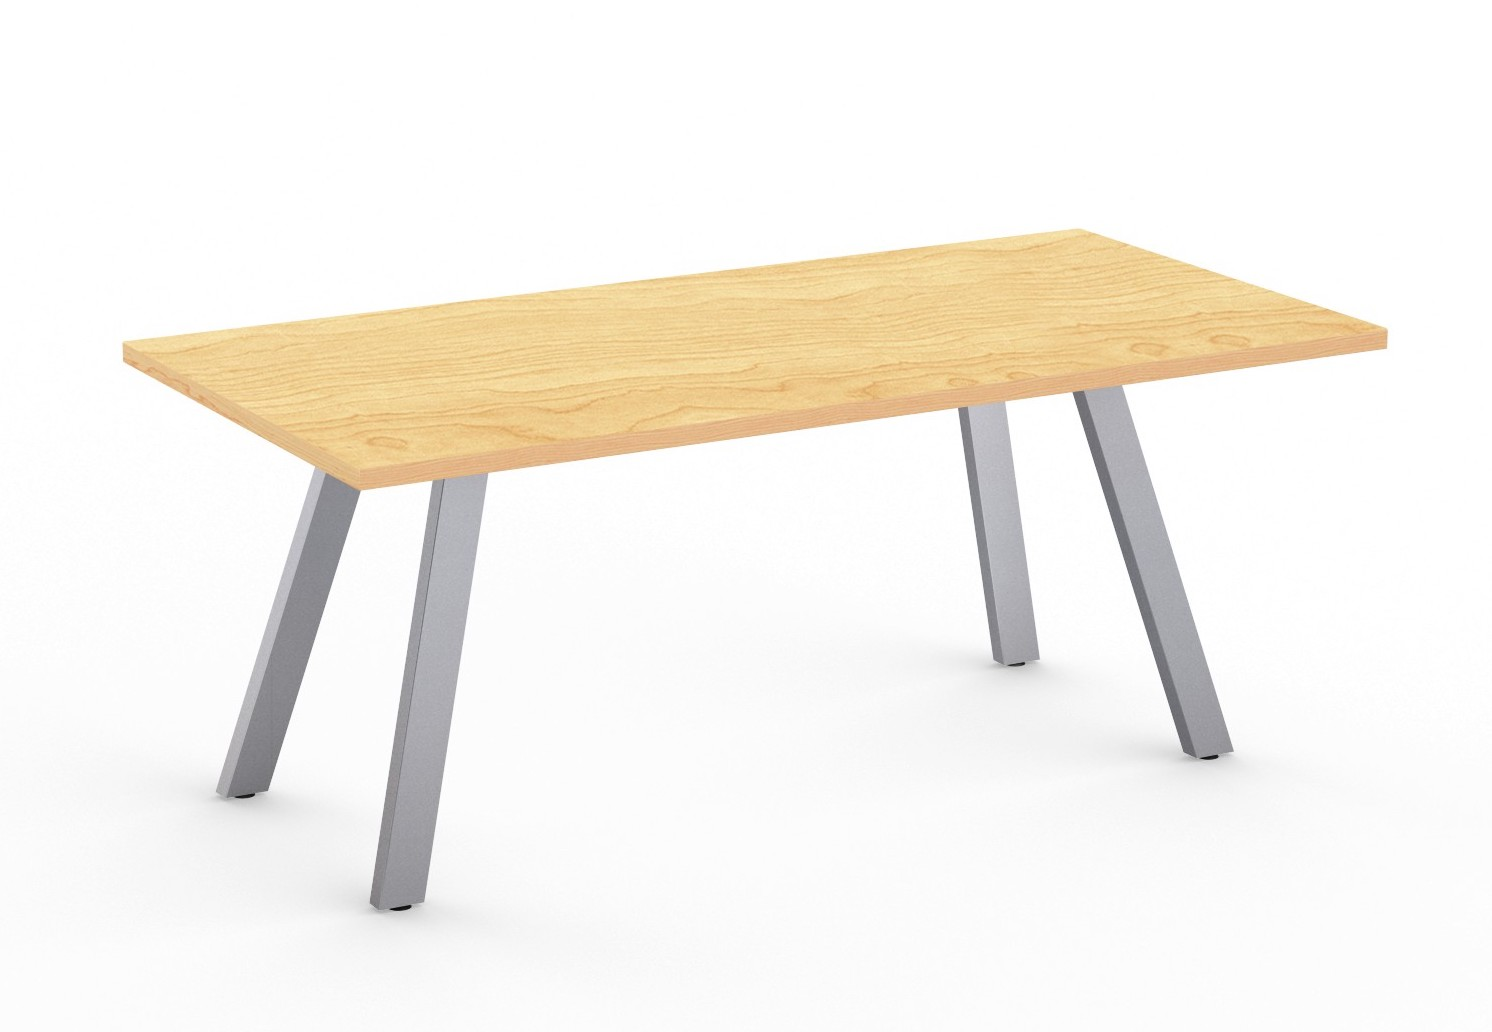 kensington maple aim xl table